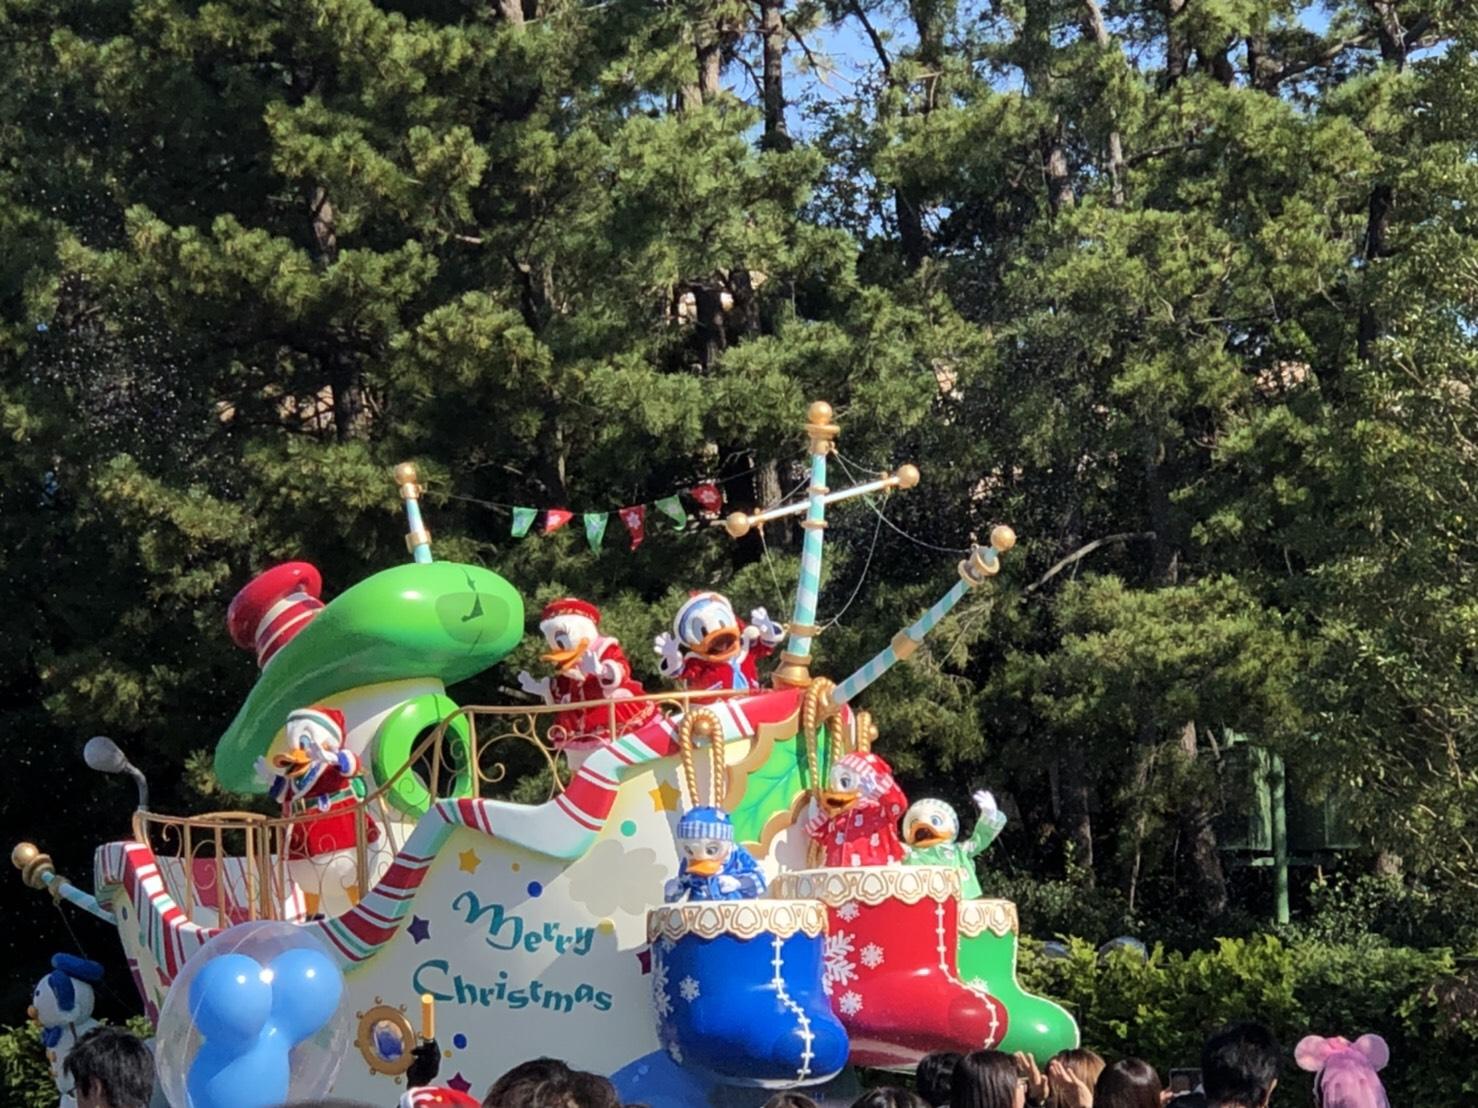 〈ディズニーランド*クリスマスディズニー2019〉①_3